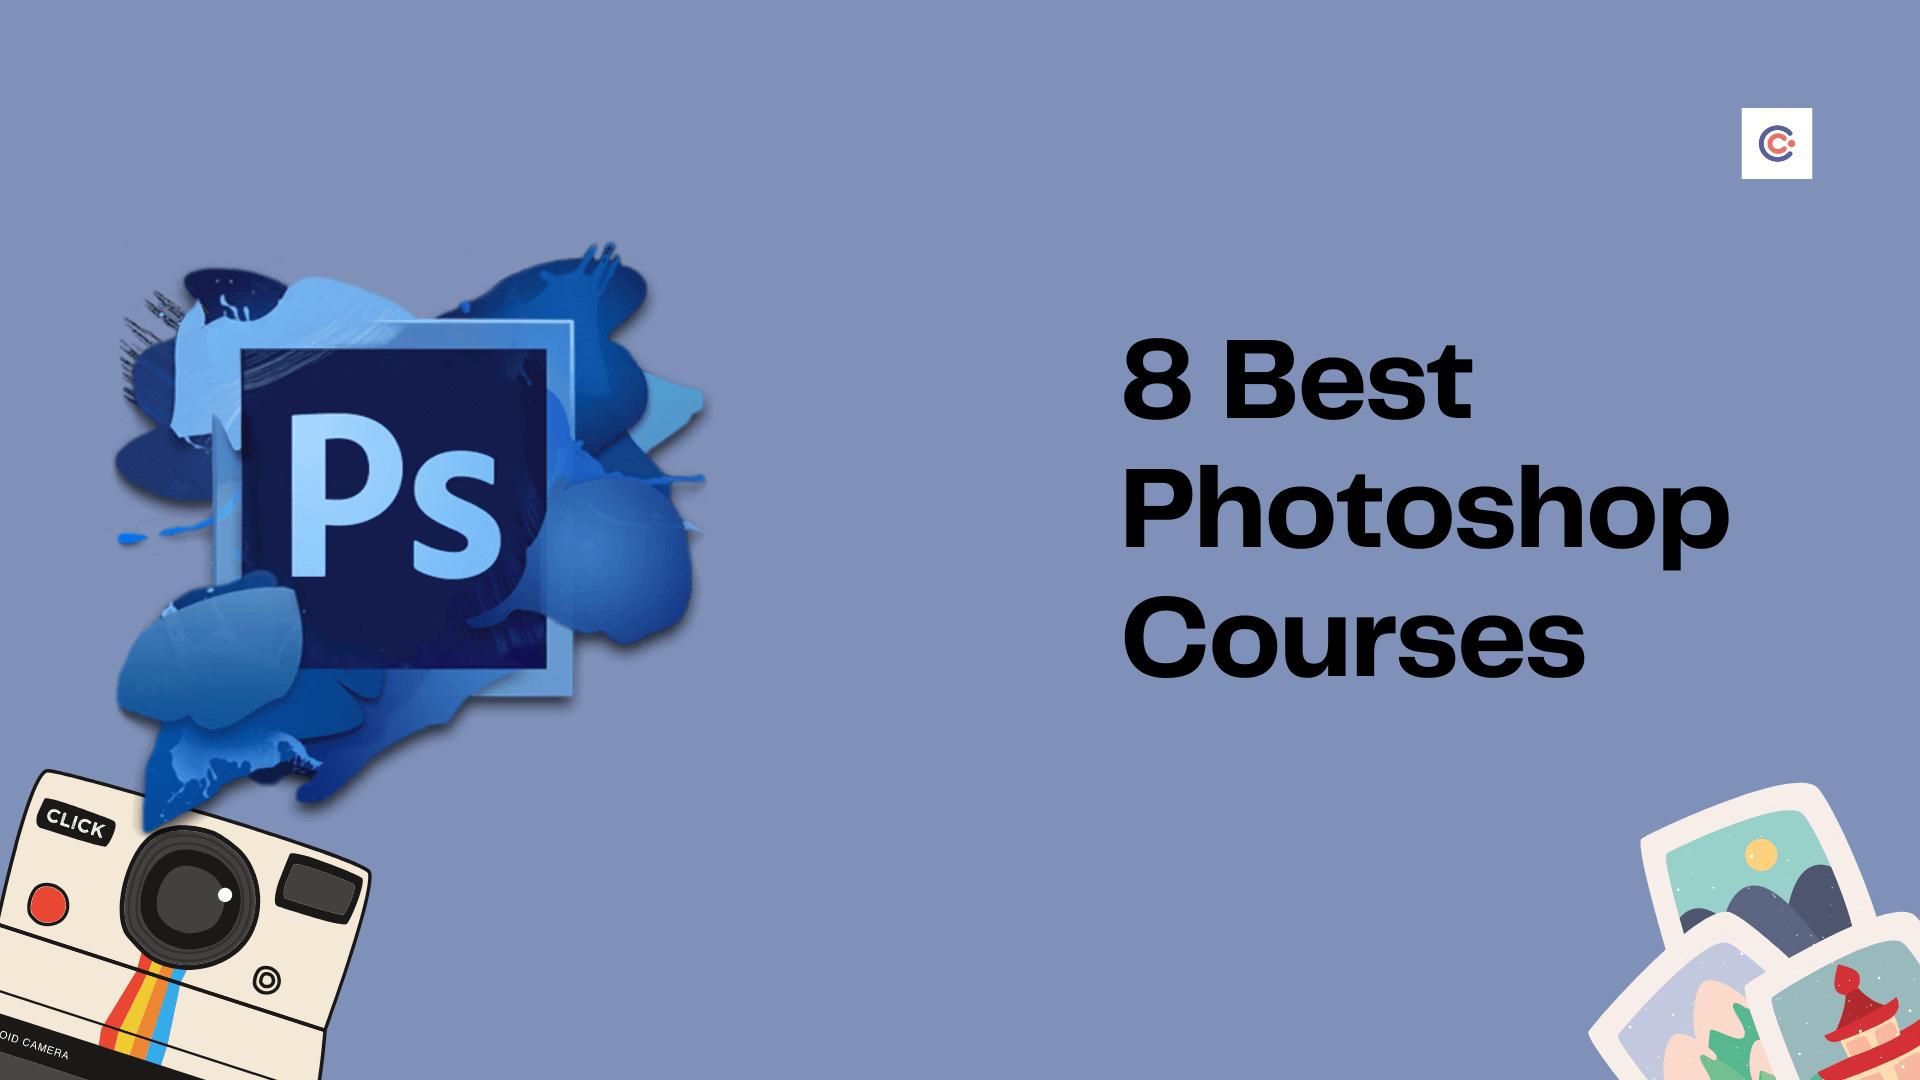 8 Best Photoshop Tutorials - Learn Photoshop Online